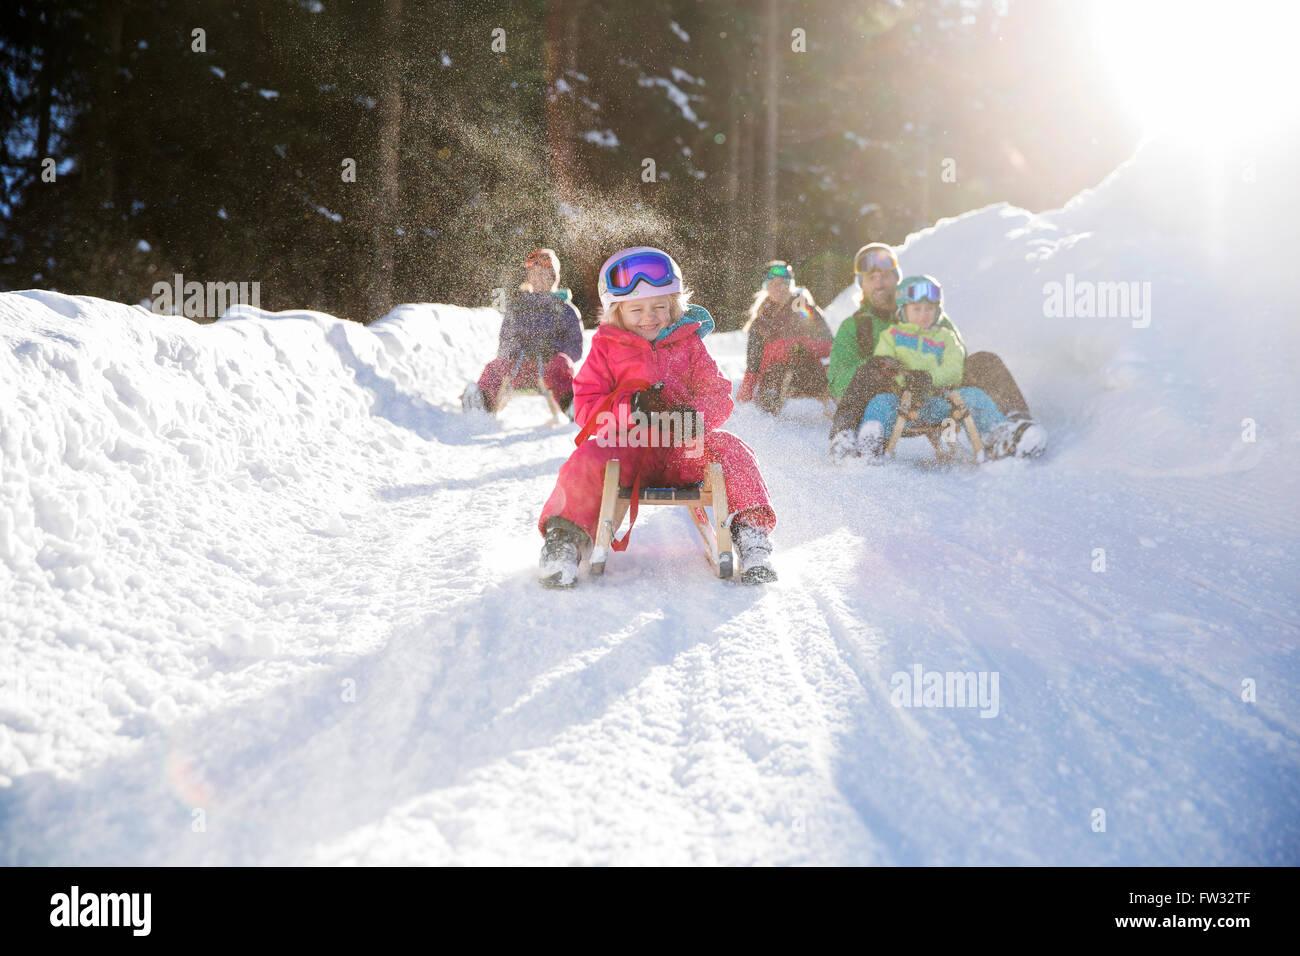 Las niñas, los niños riding trineos con su familia, Muttereralm Innsbruck, Tirol, Austria Imagen De Stock